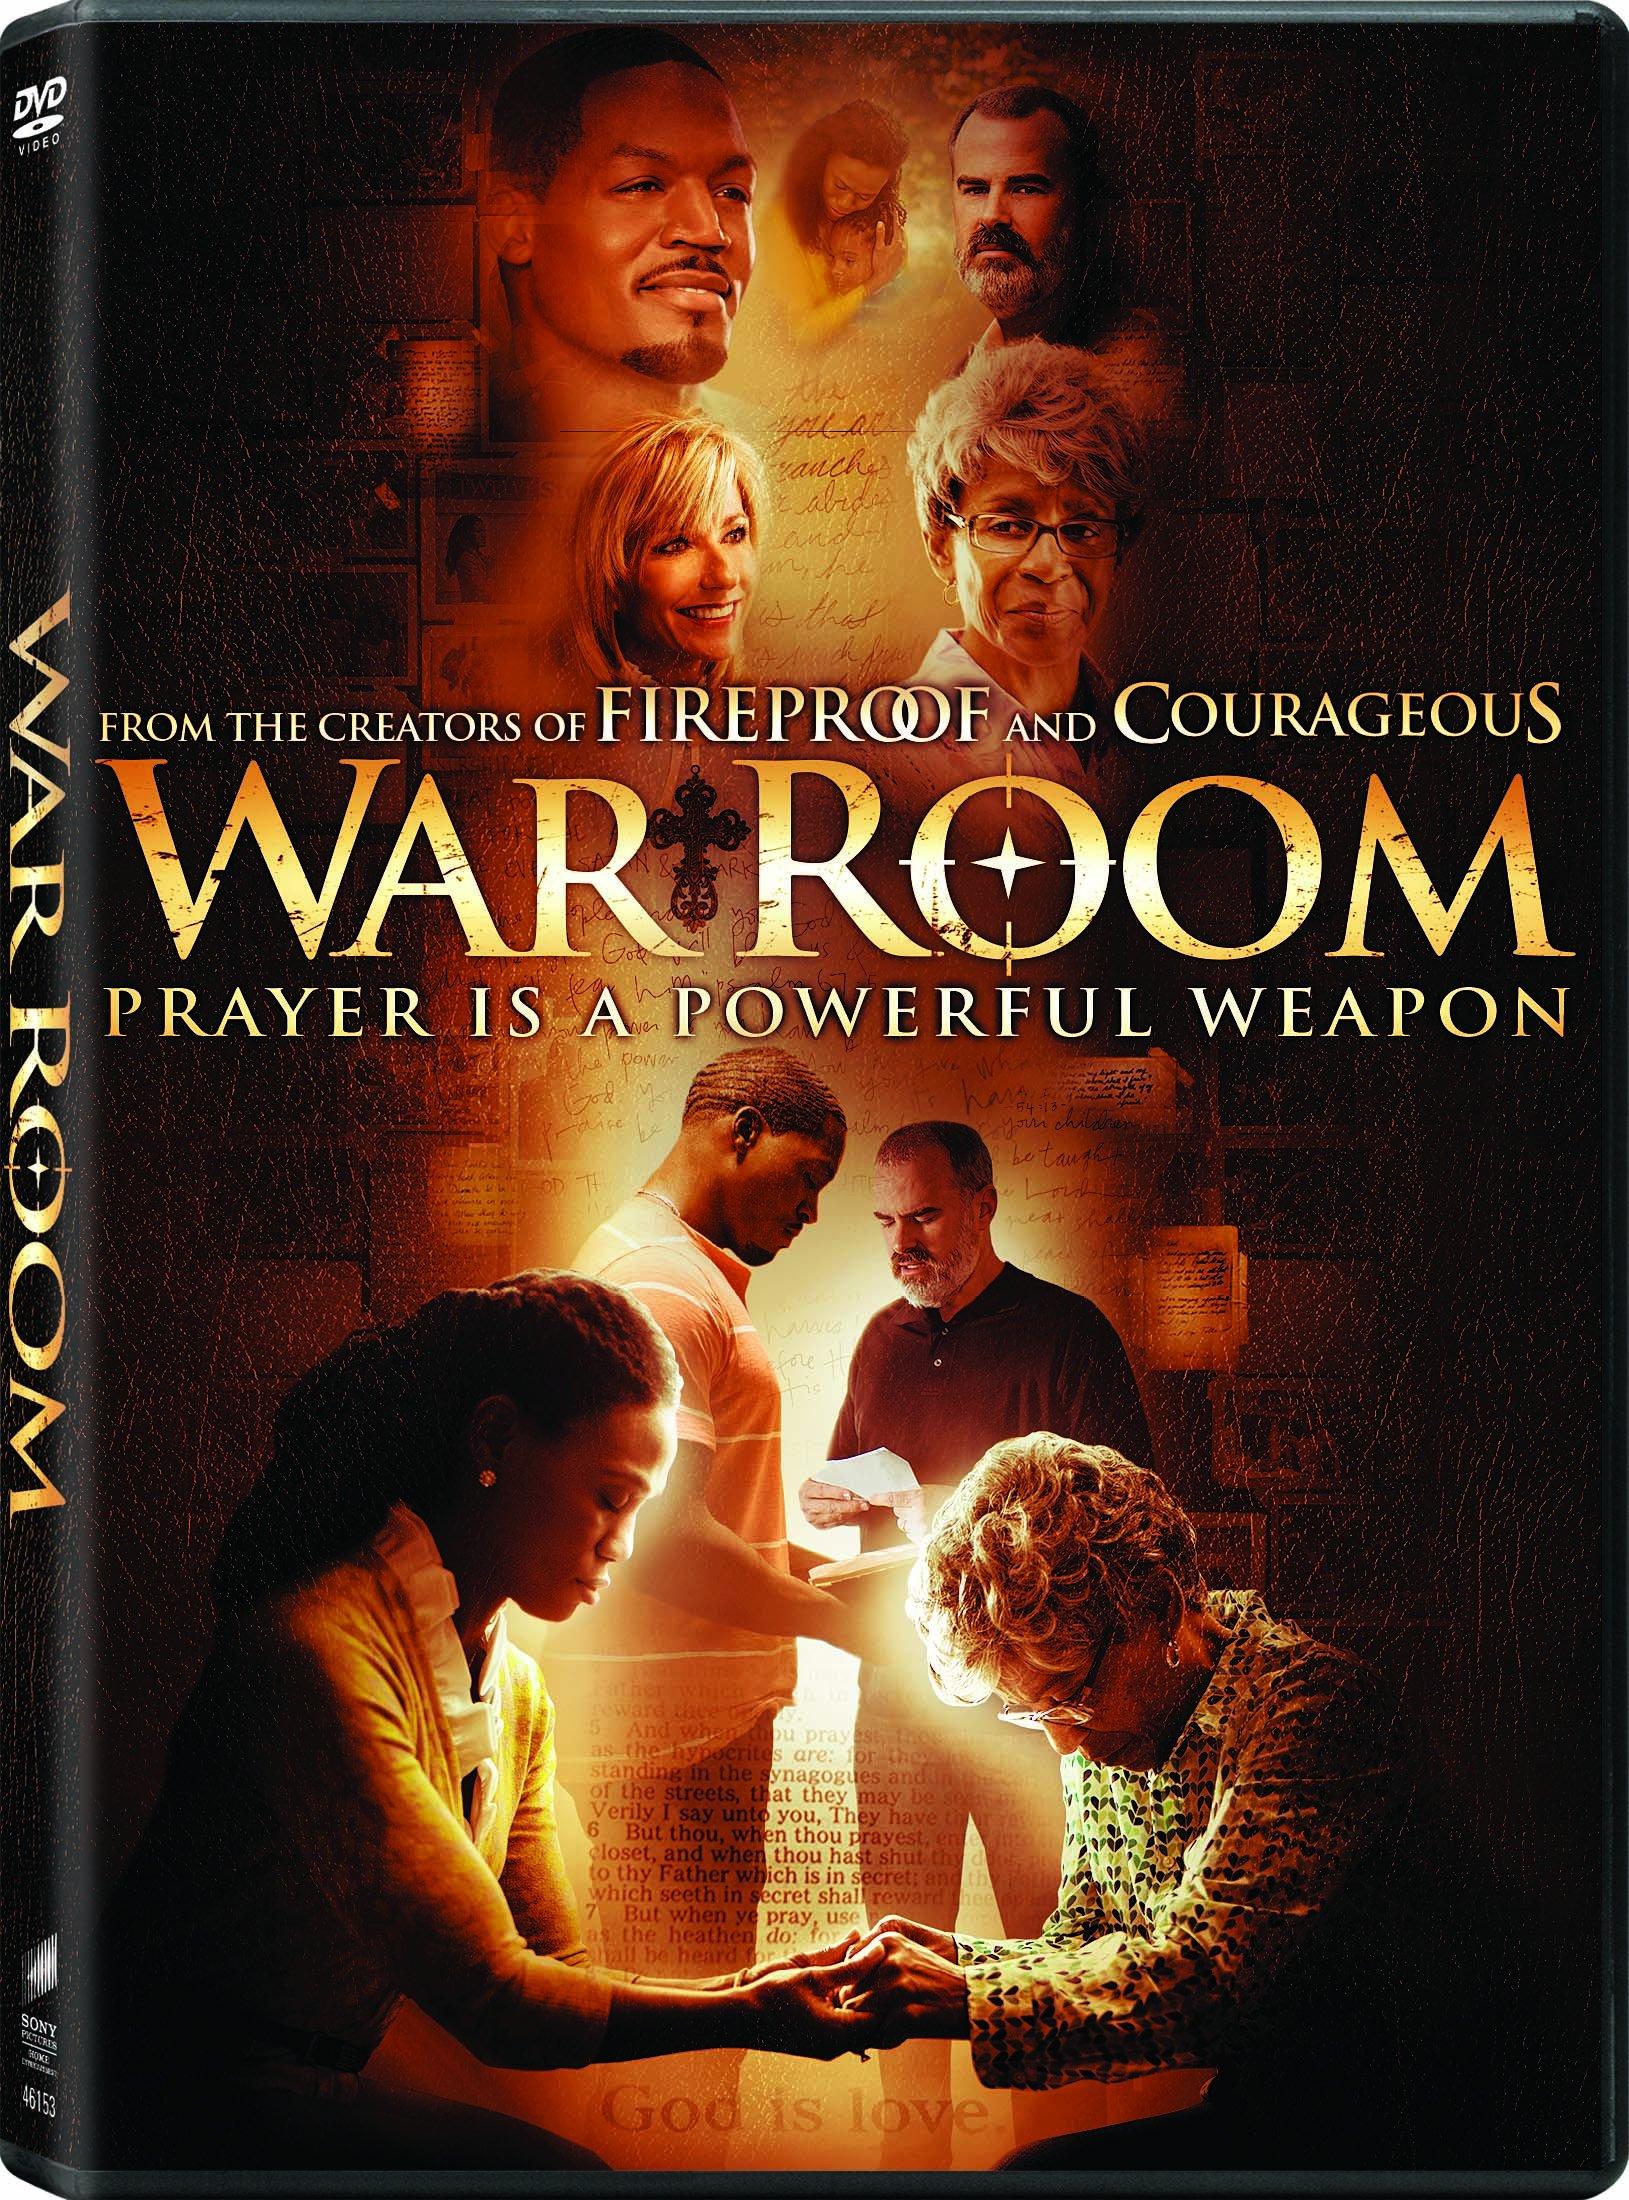 War Room DVD Release Date December 22 2015